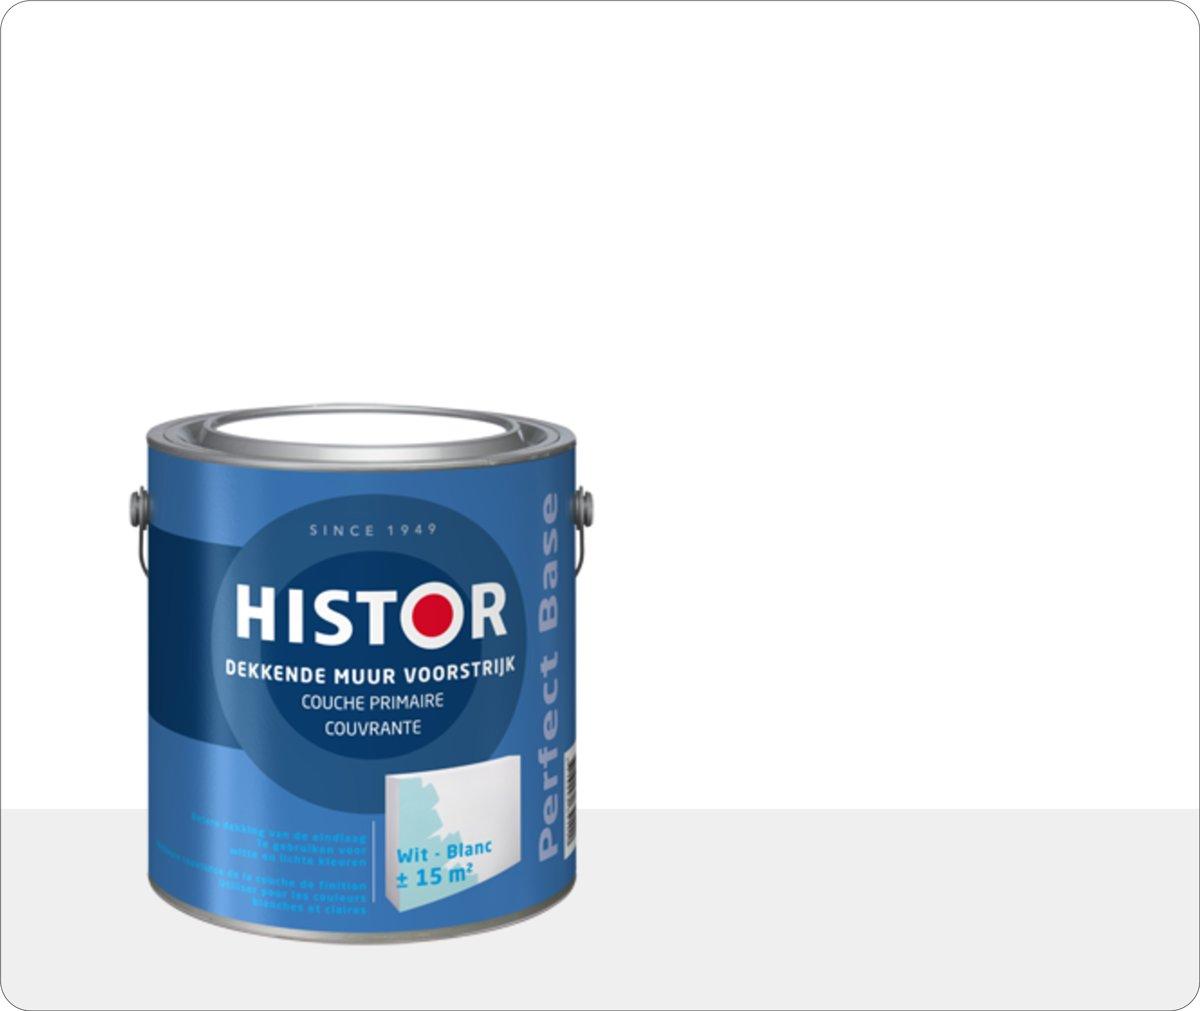 Histor Perfect Base Dekkende Muur Voorstrijk 2,5 liter - Wit kopen